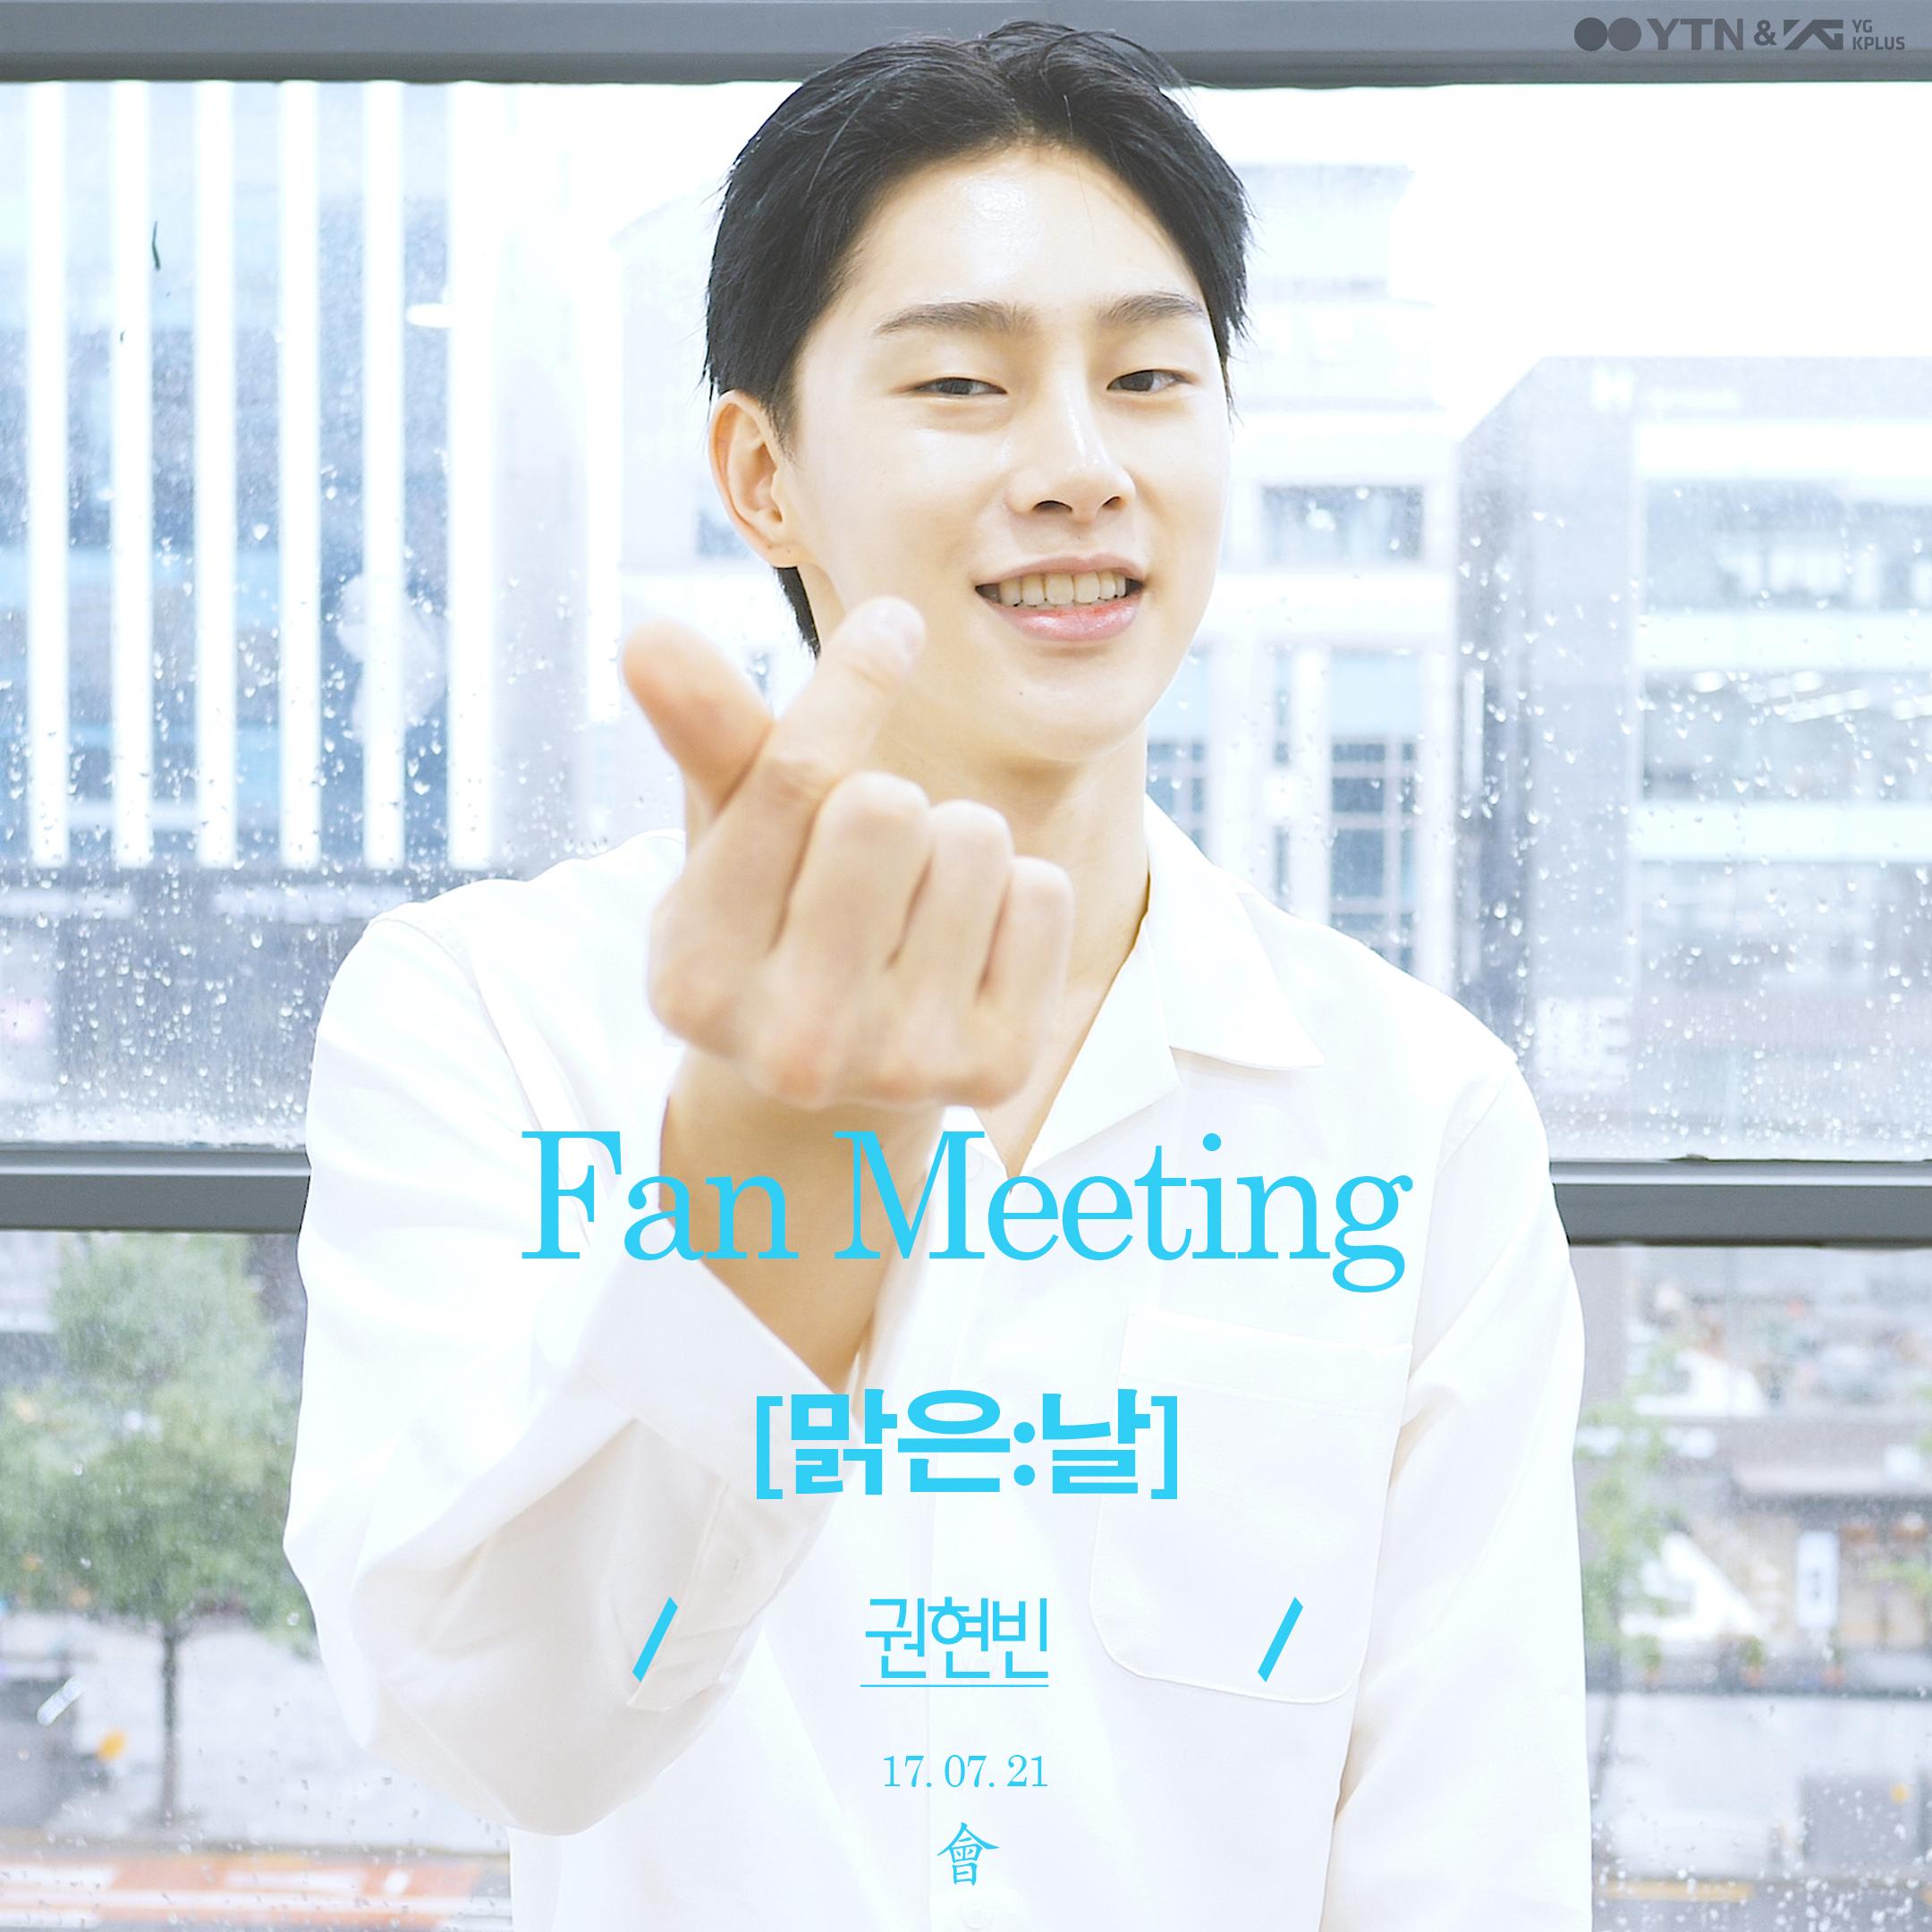 권현빈 첫 팬미팅 '맑은:날', 7월 21일 개최!